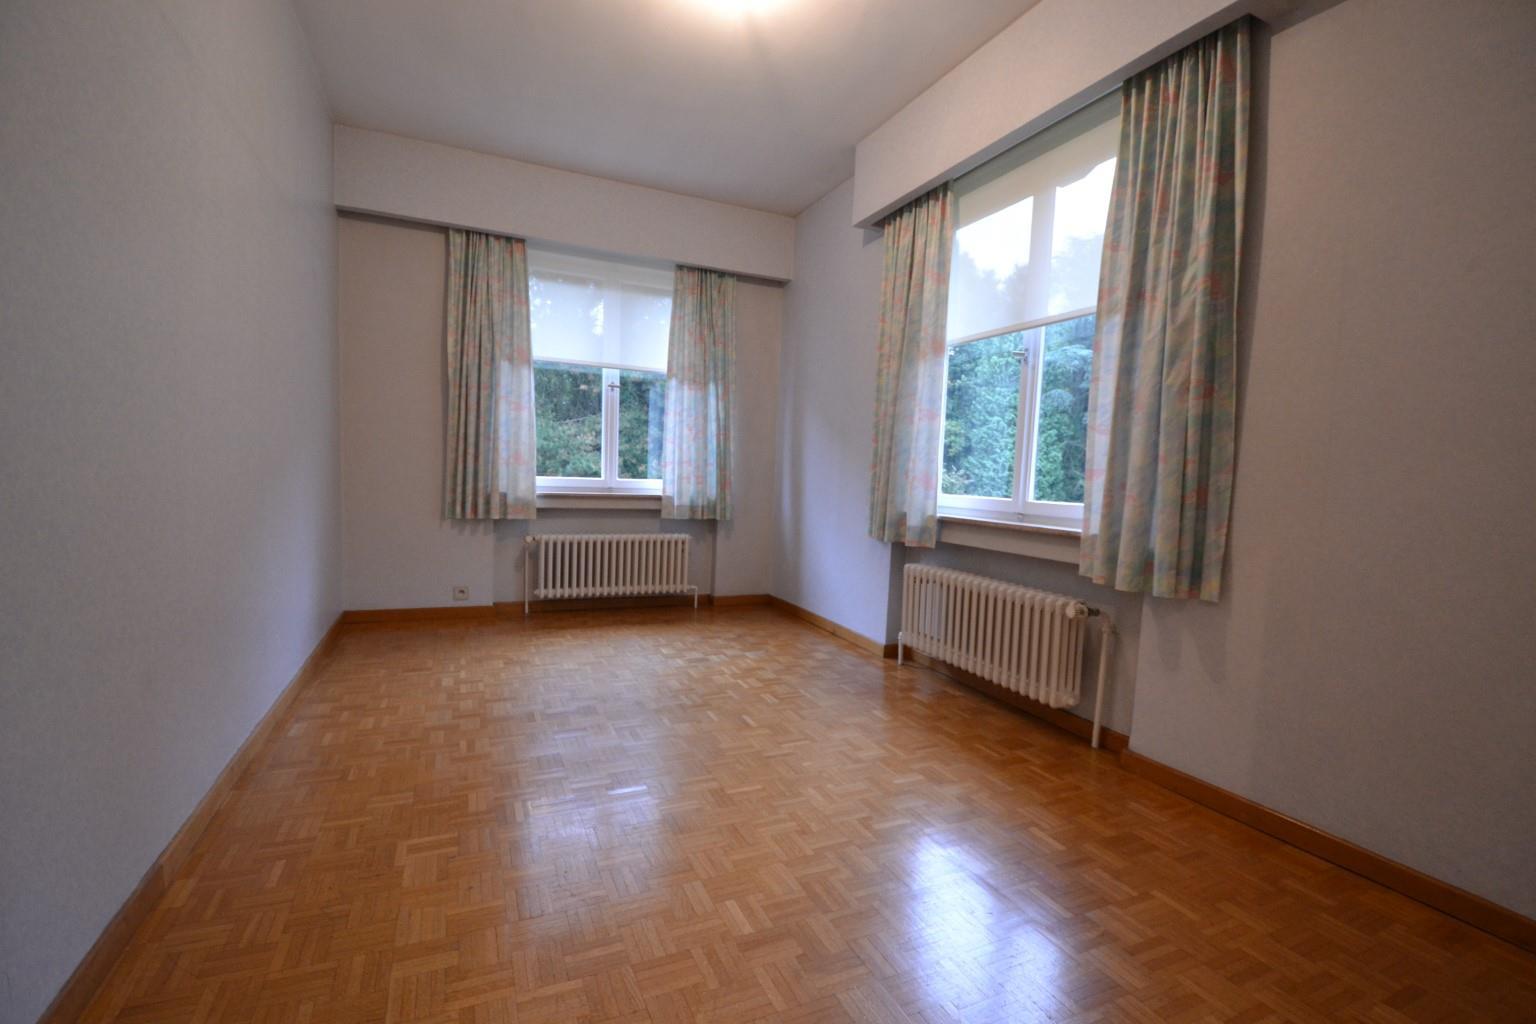 House - Bruxelles - #2815834-20